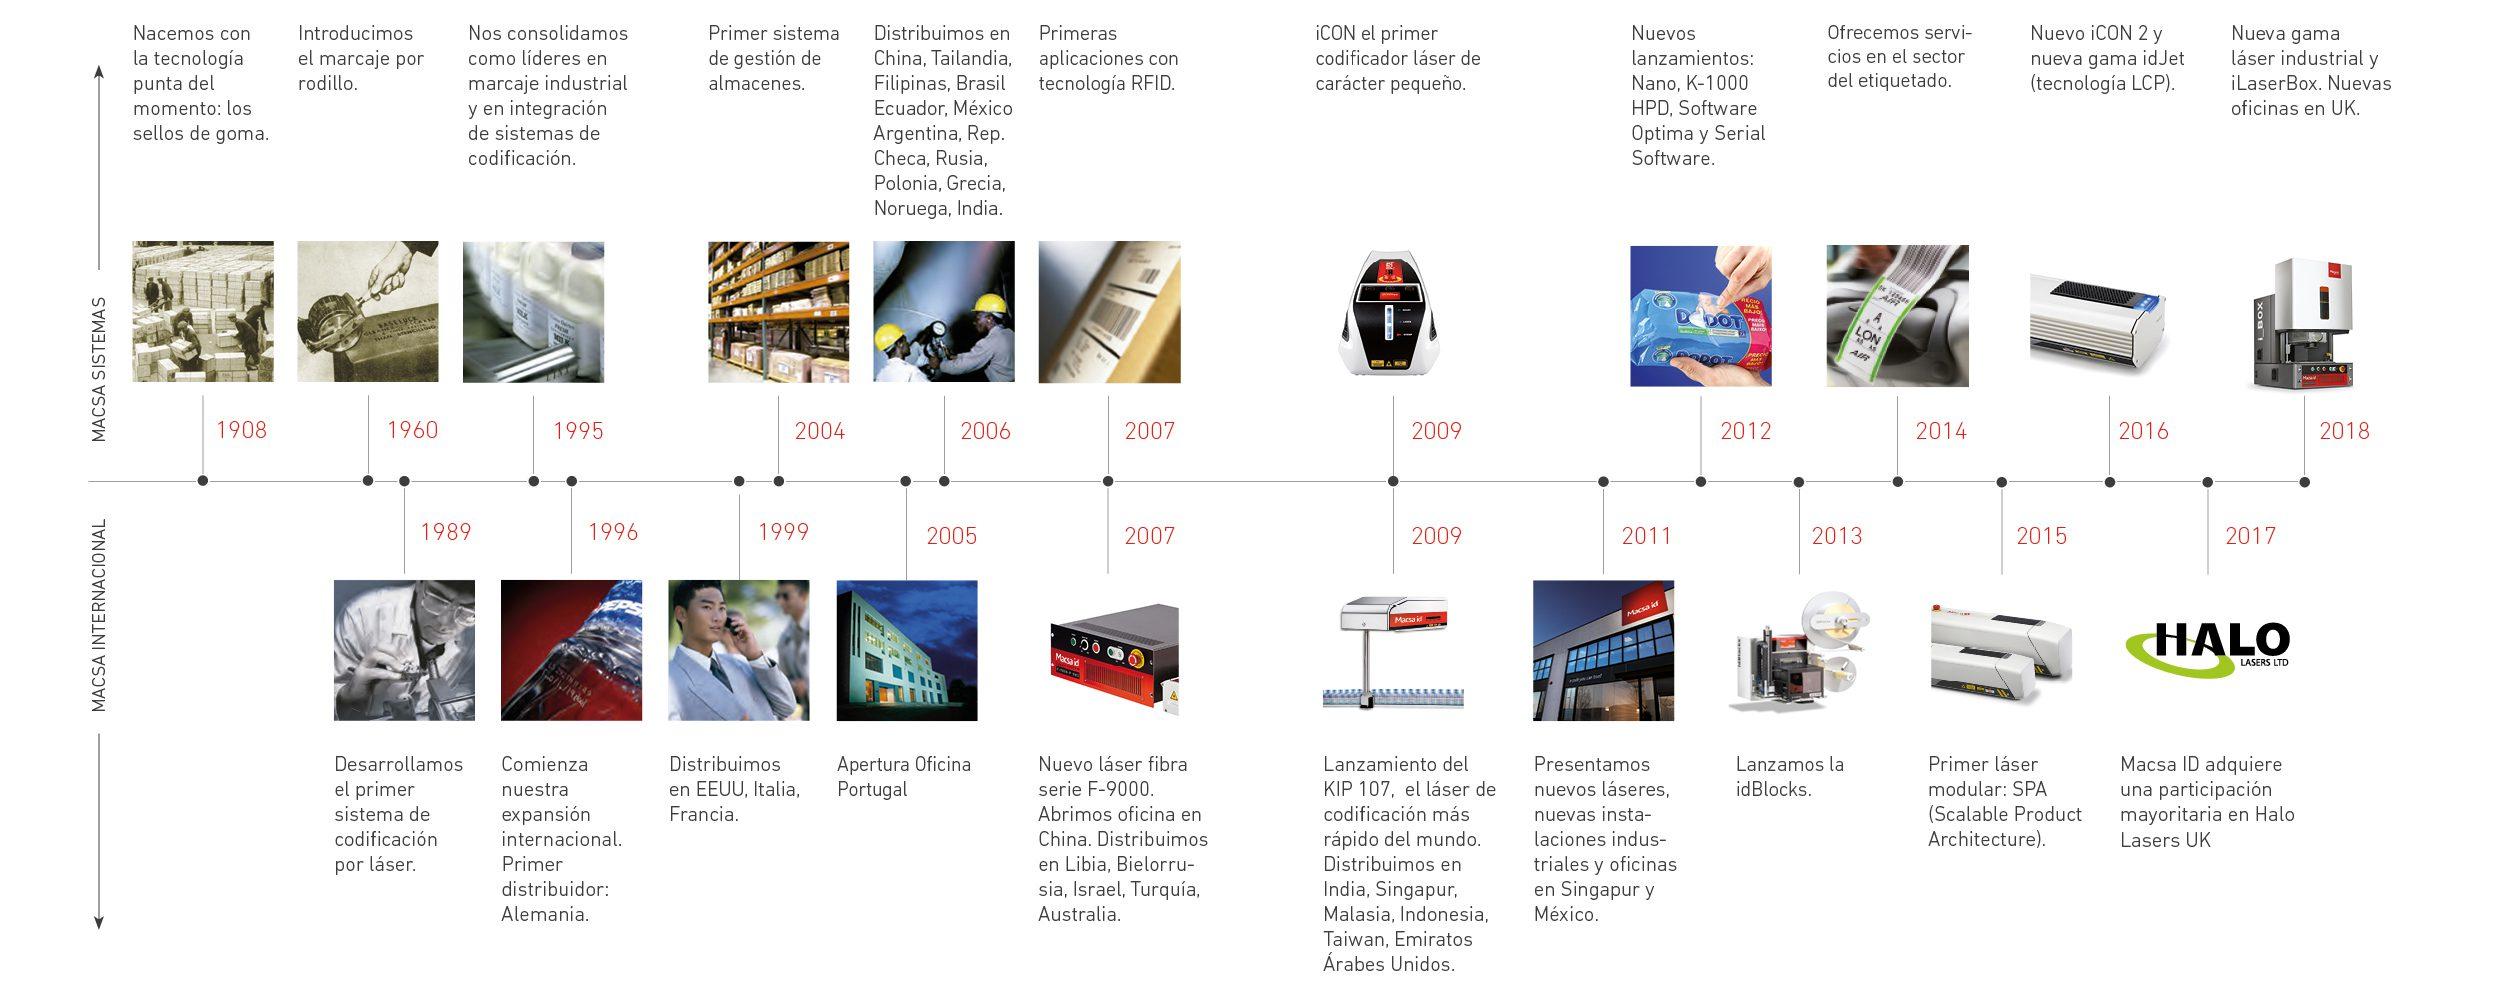 timeline_2018_CAST